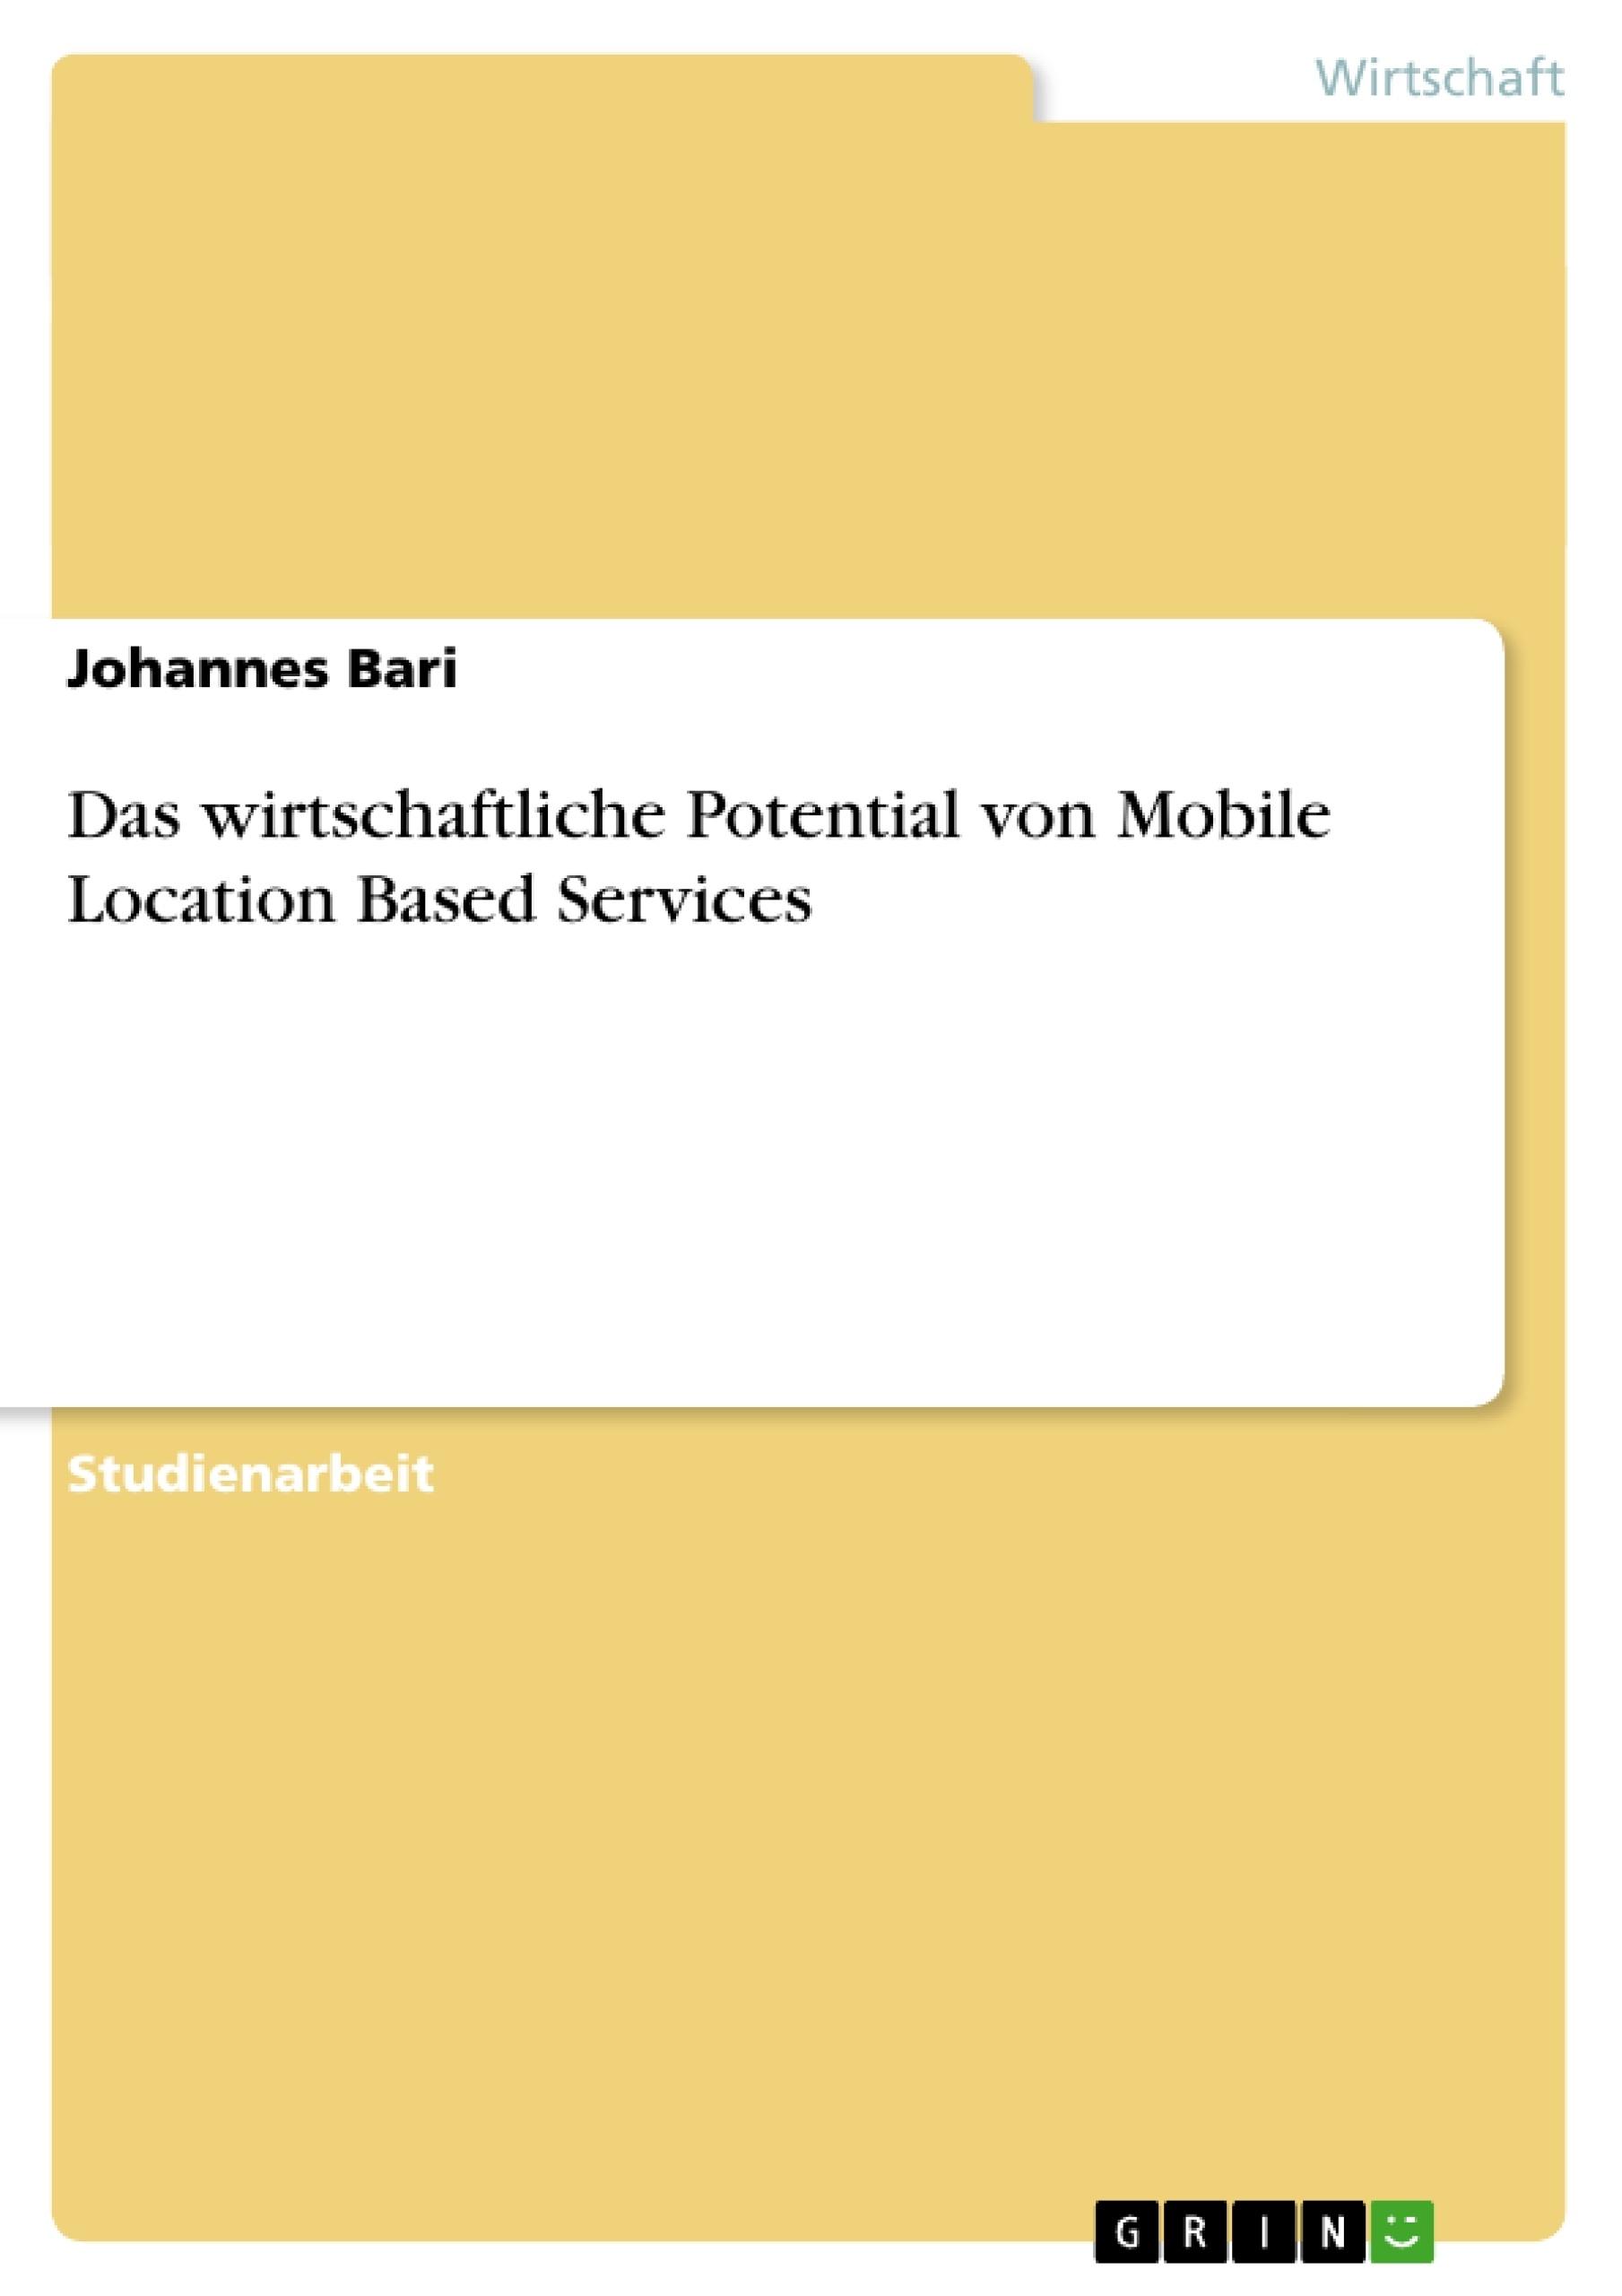 Titel: Das wirtschaftliche Potential von Mobile Location Based Services